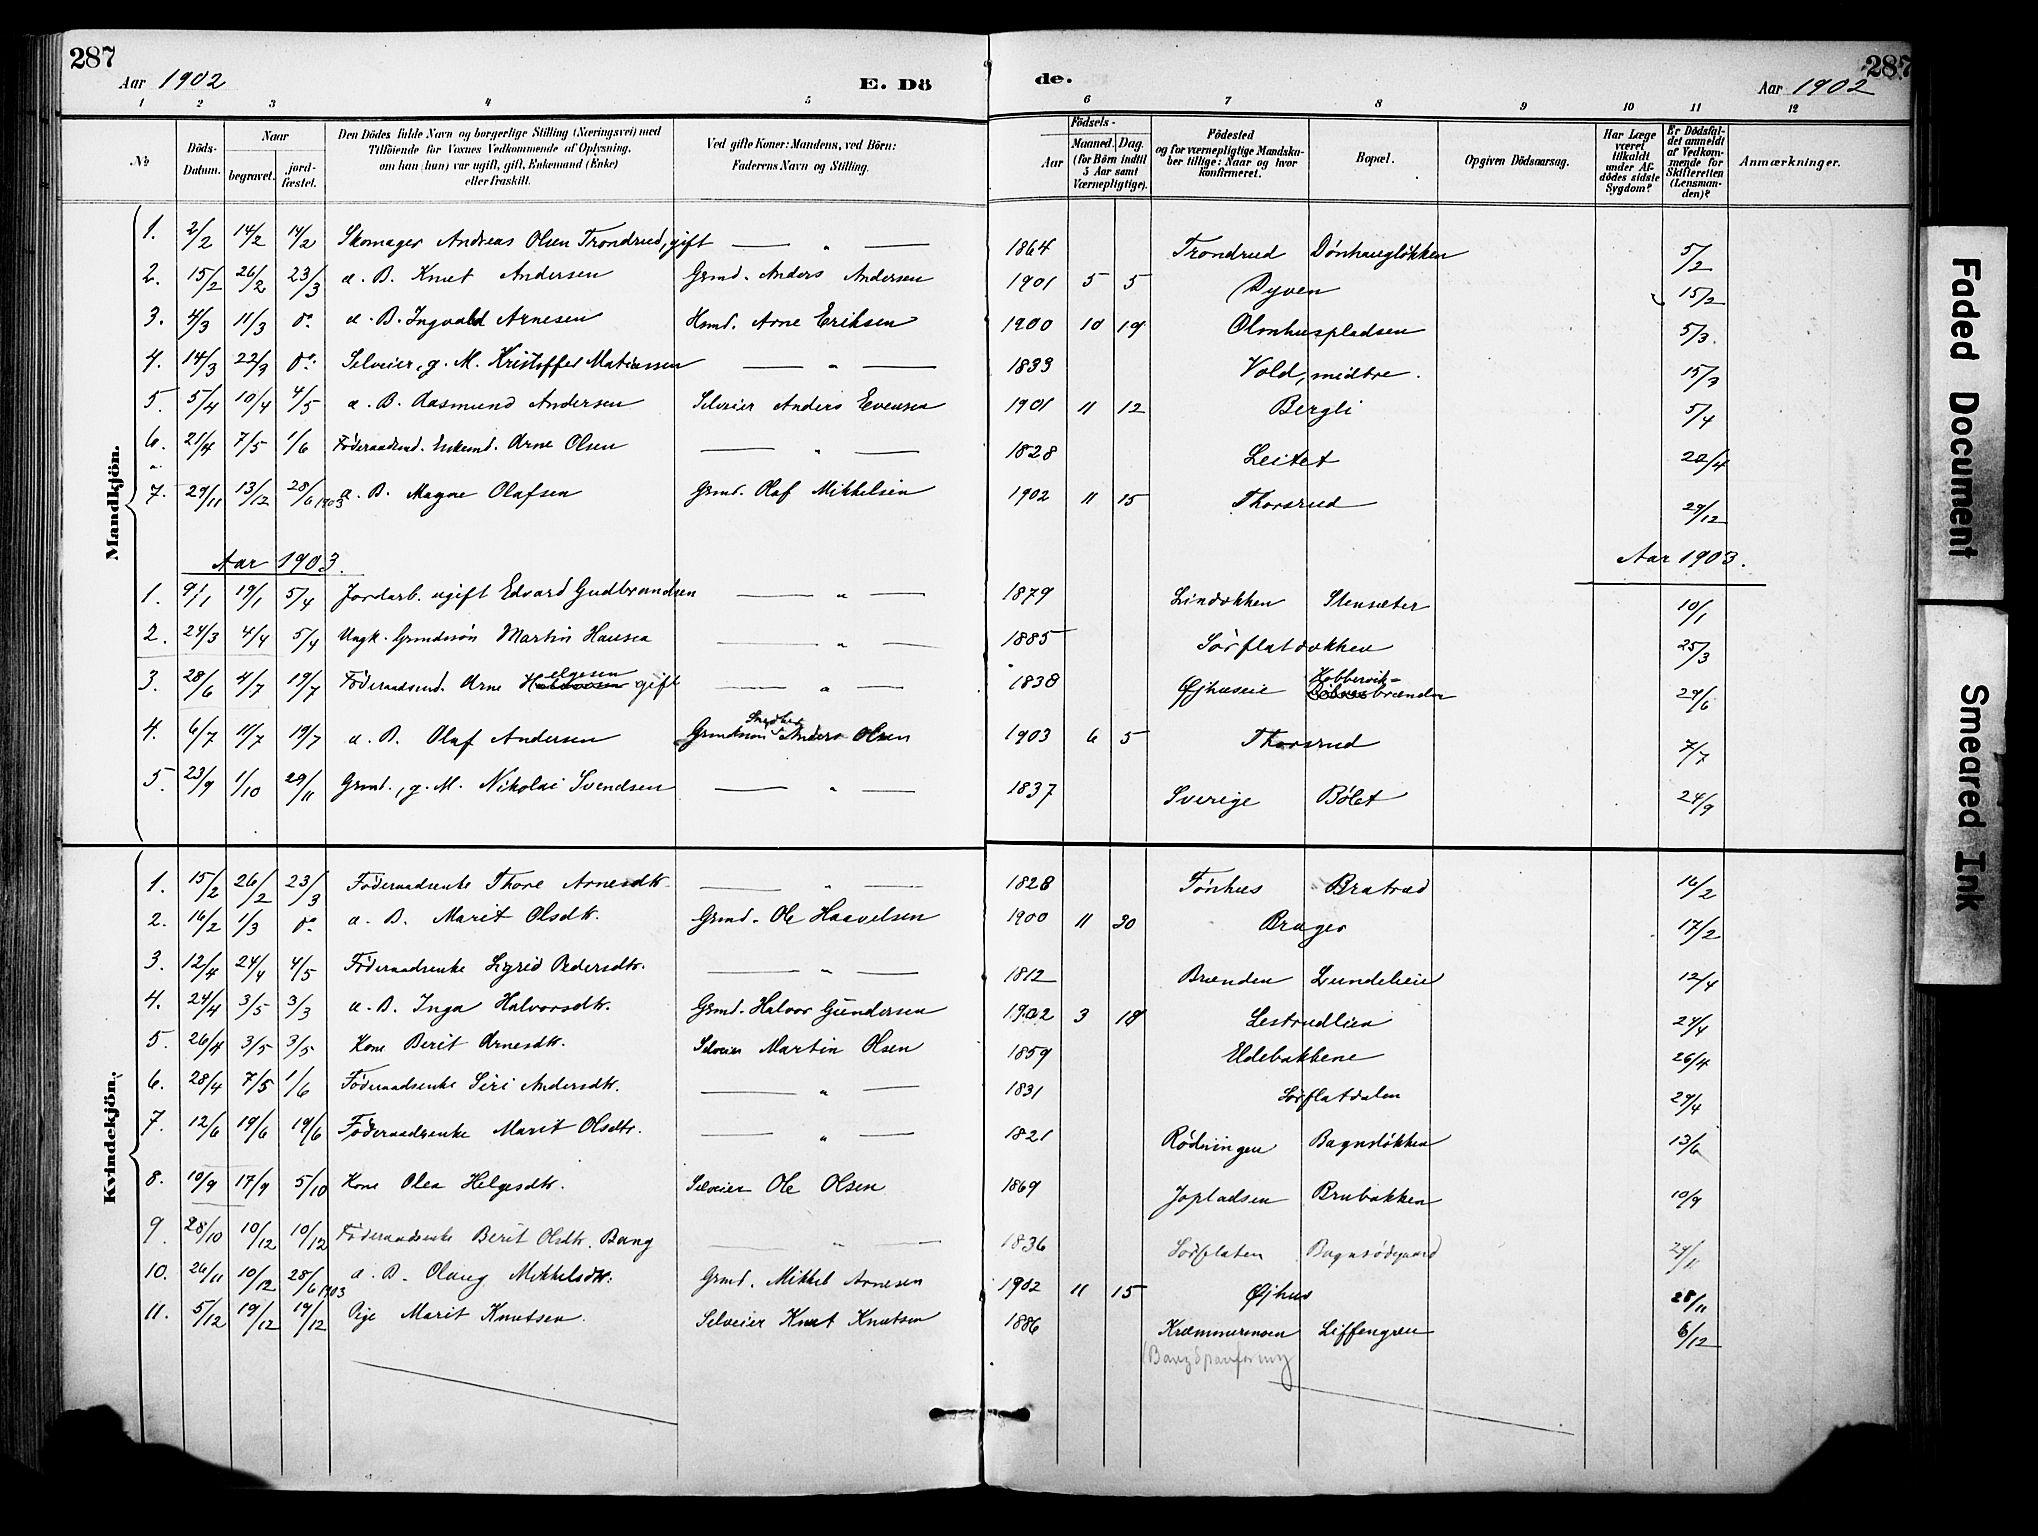 SAH, Sør-Aurdal prestekontor, Ministerialbok nr. 9, 1886-1906, s. 287